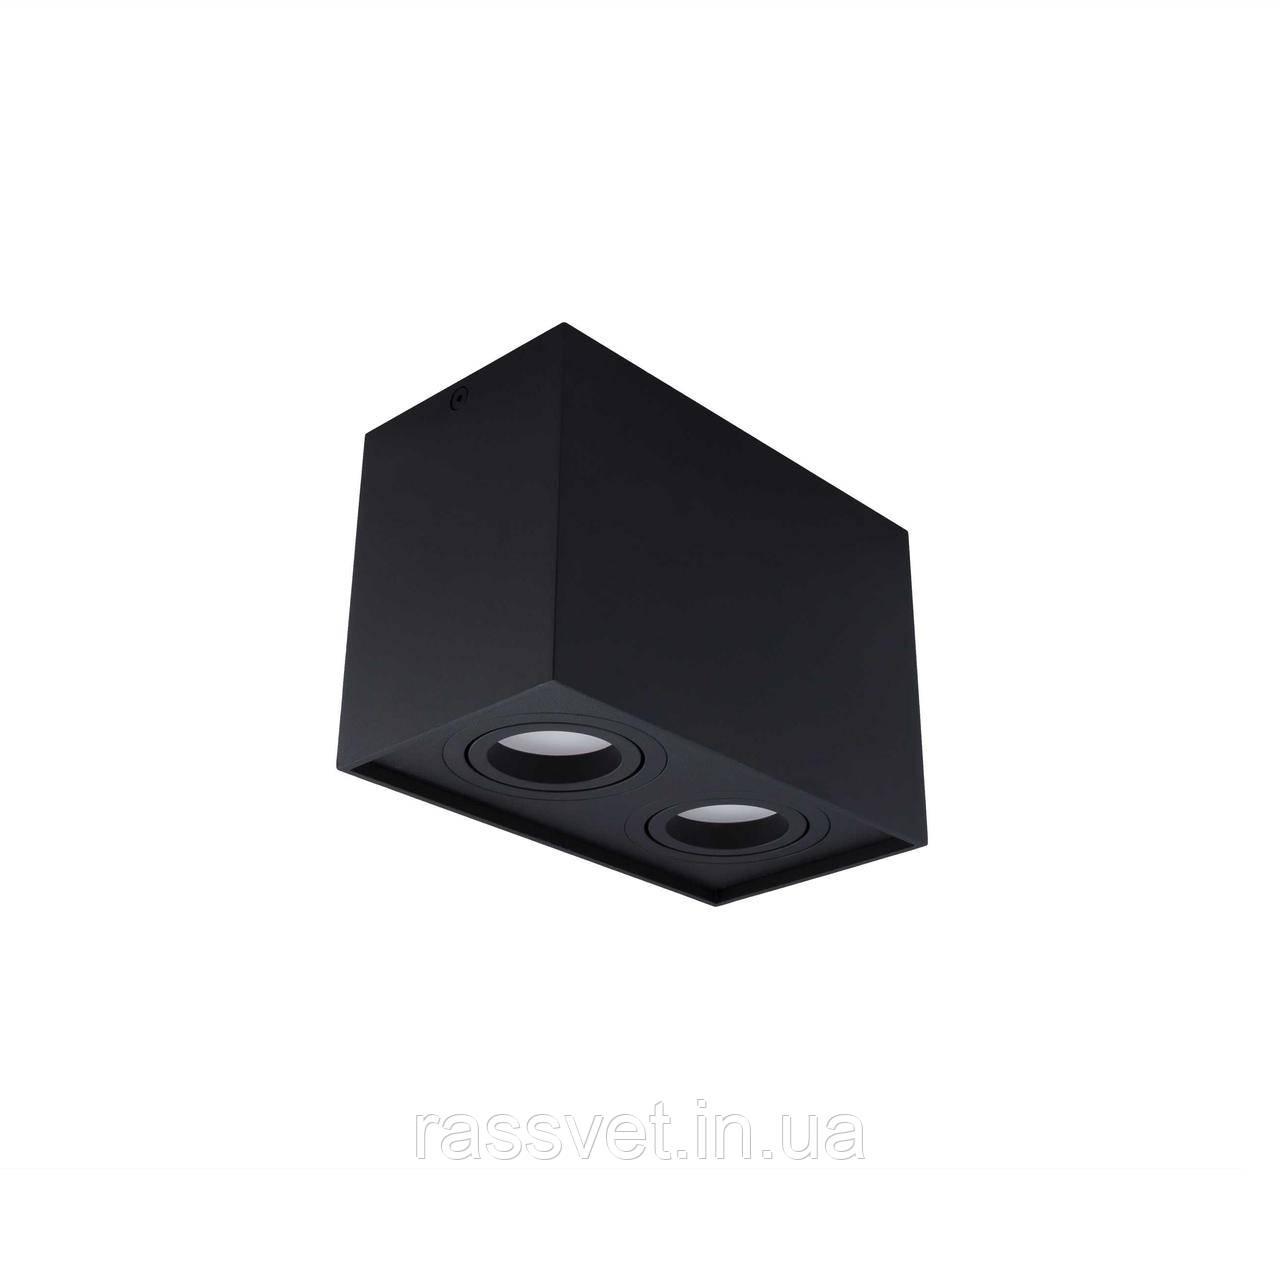 Точковий світильник Skarlat TH5804 BK